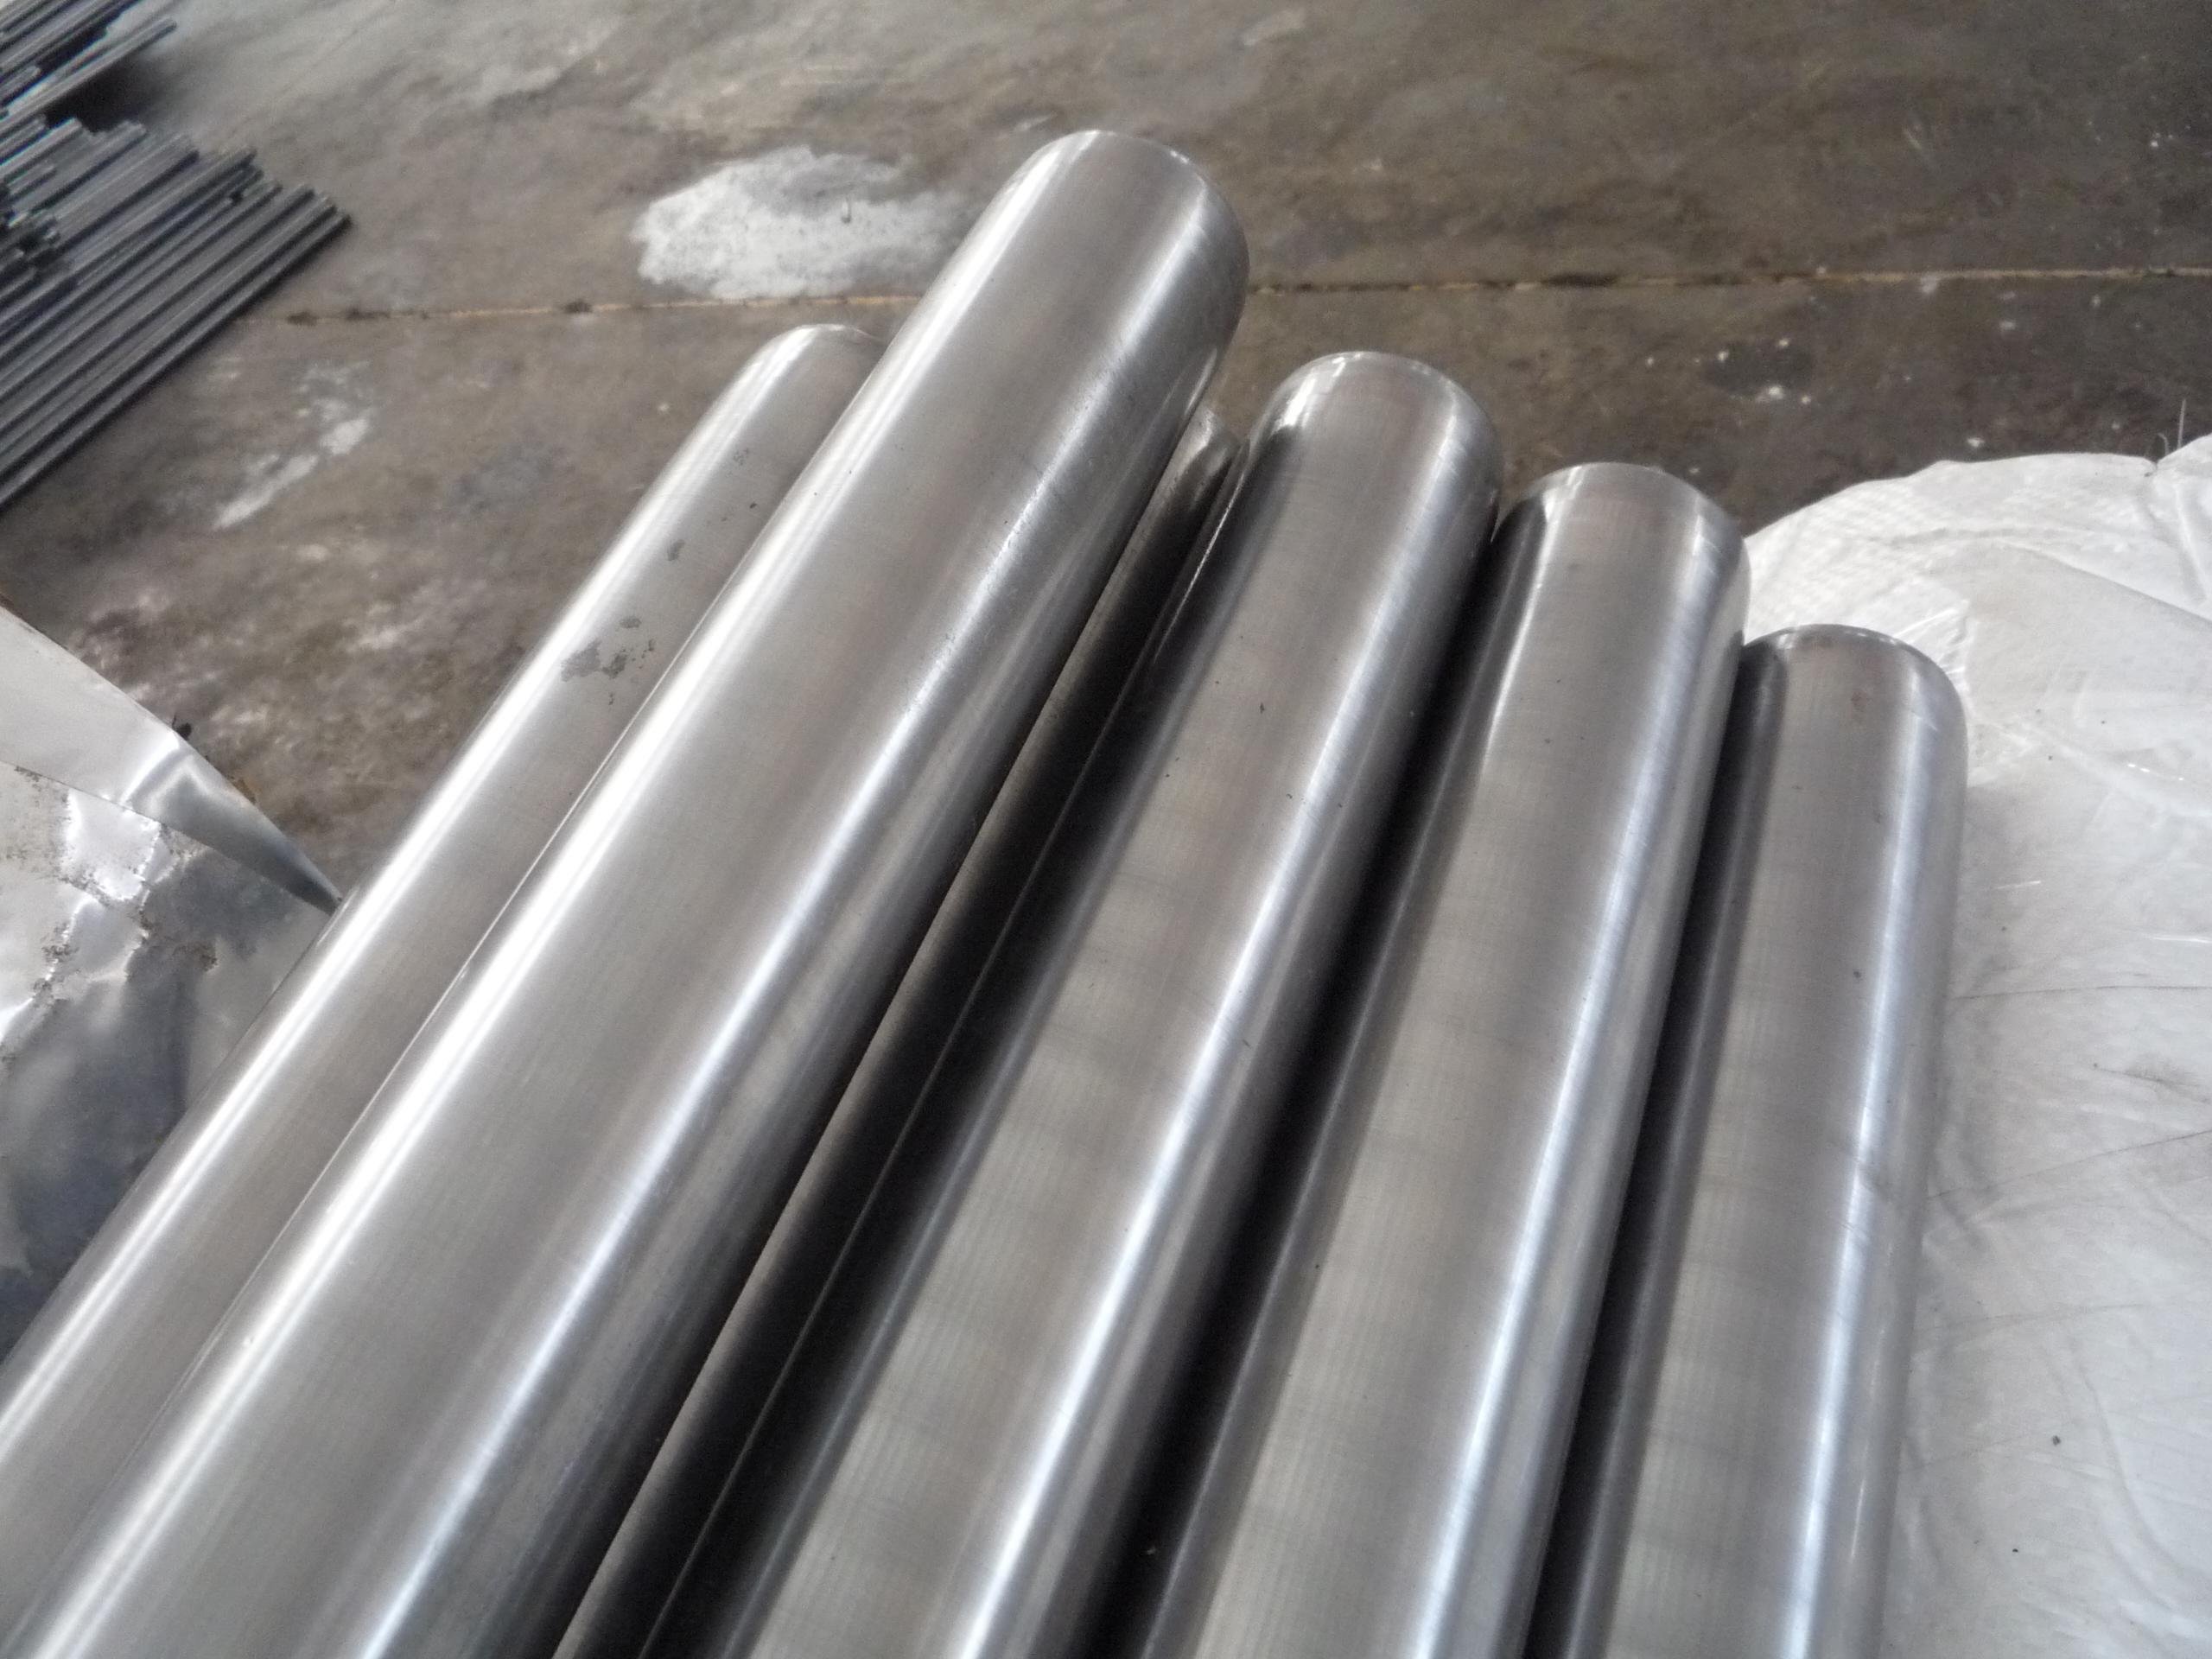 11SMnPb37易切削钢1.0737易车铁12L15快削钢9SMnPb36化学成分力学性能